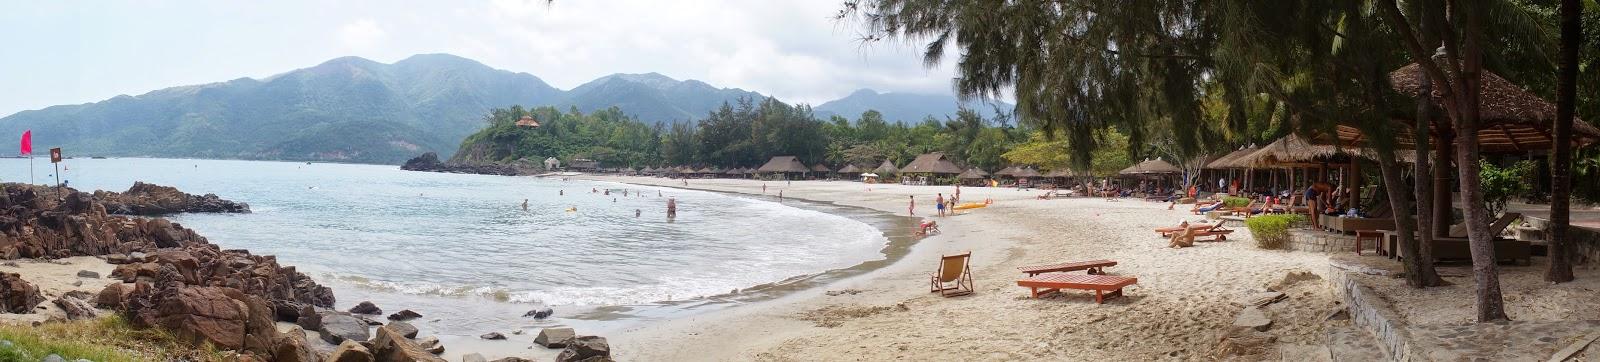 Nhu-Tien-Beach